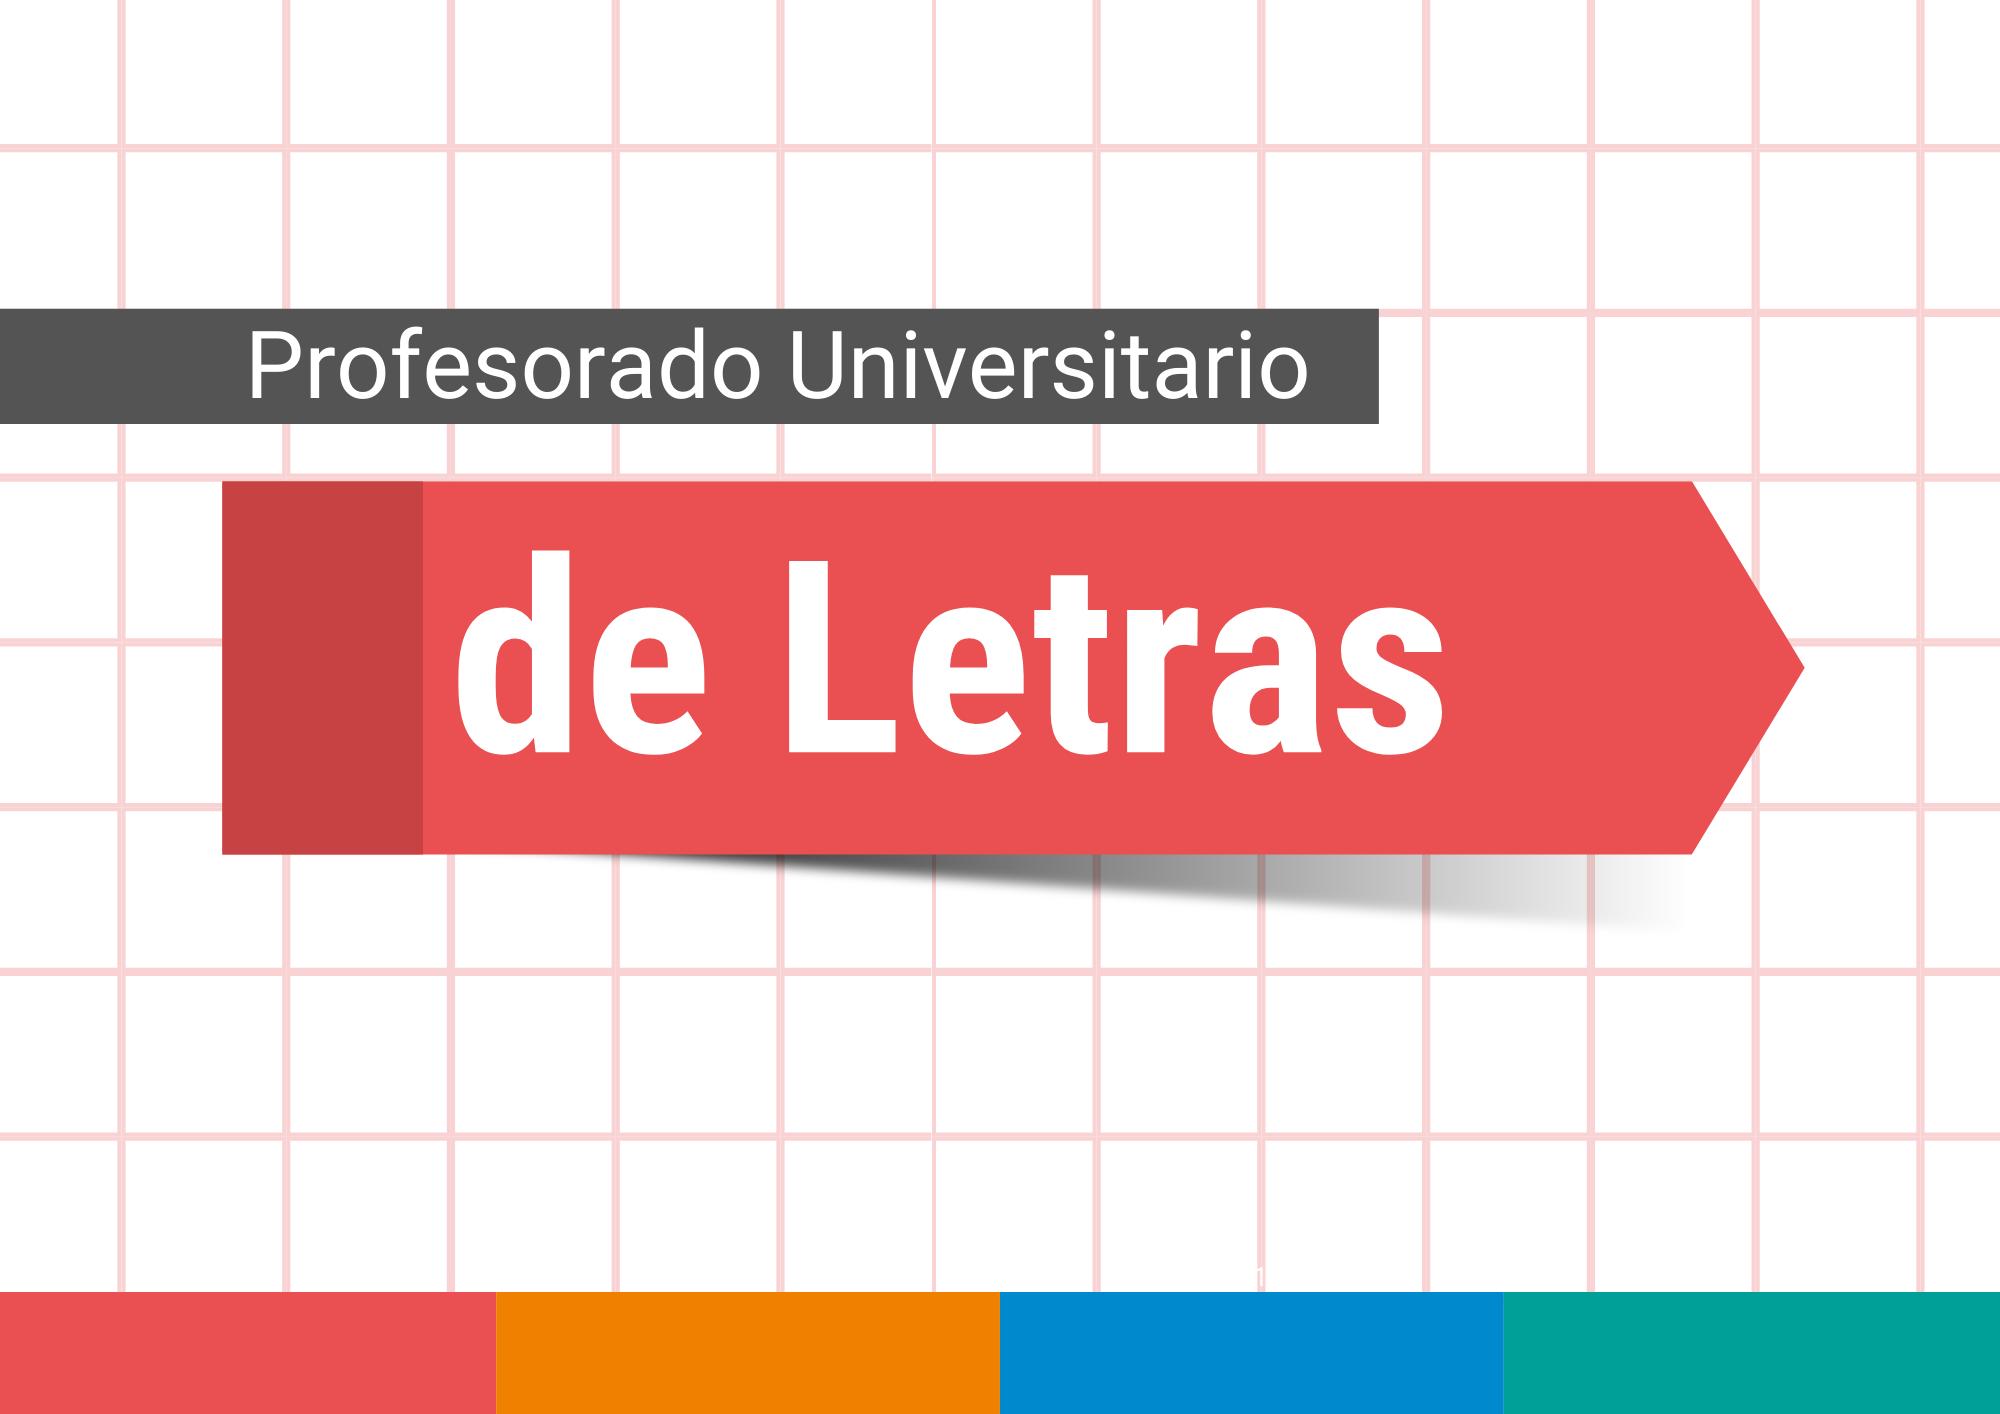 Prof Univ de Letras